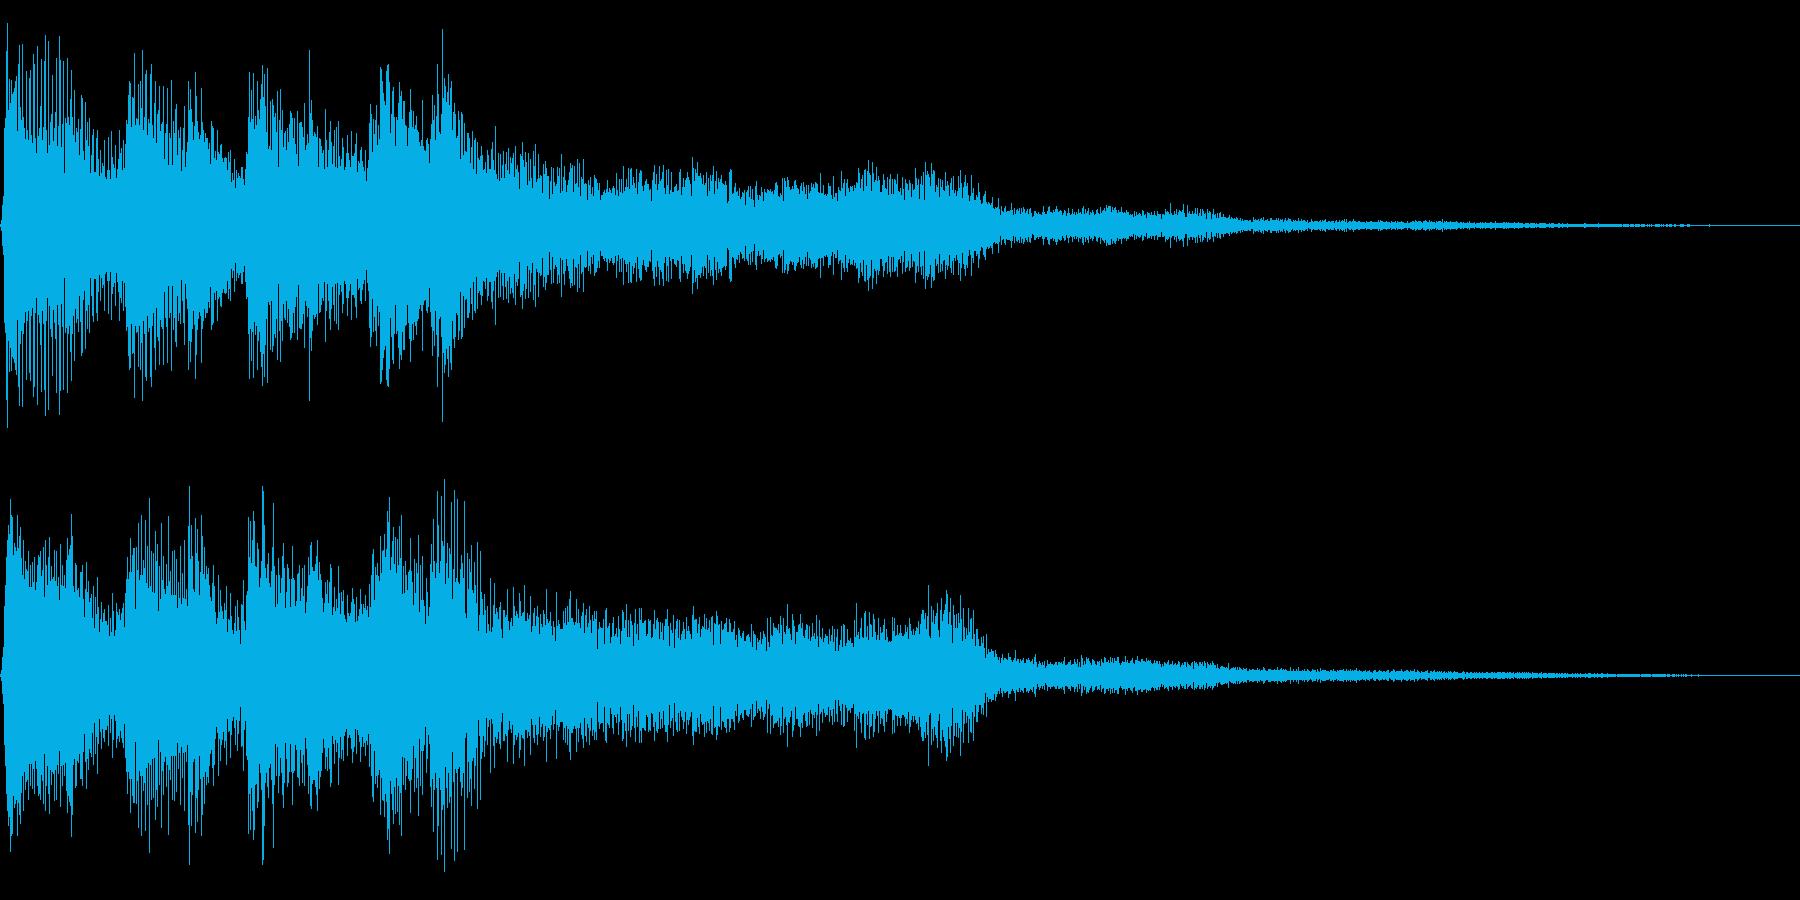 レトロなゲームオーバー音 ミス音 残念の再生済みの波形